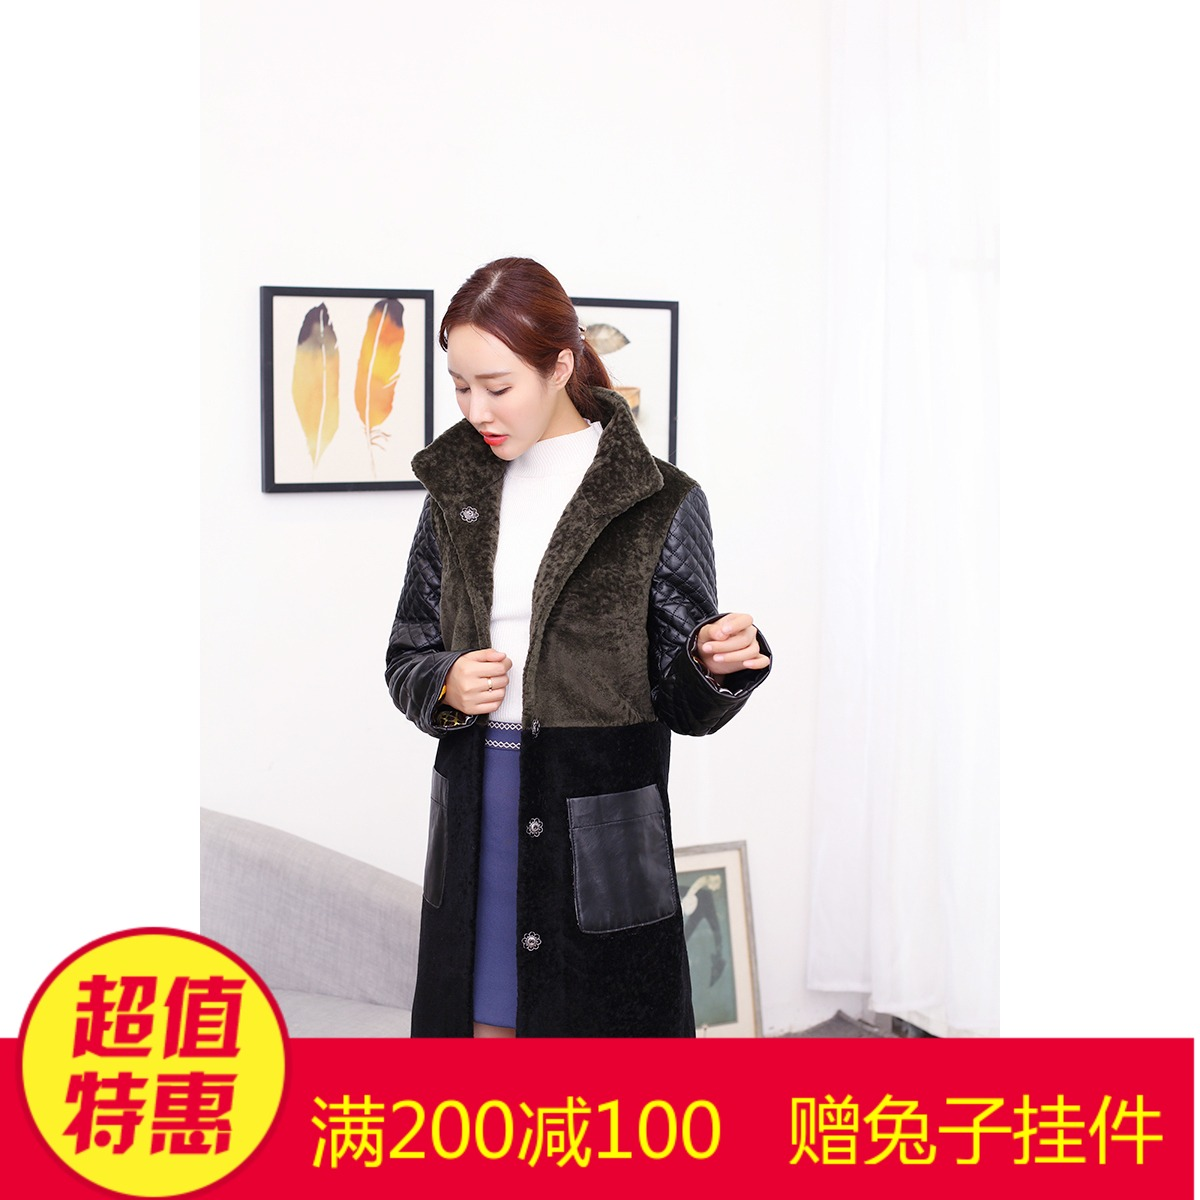 2017 новая коллекция кожа с мехом овечья шерсть пальто Резка овец фасон средней длины стиль шуба куртка Женский хлопок овчина гильза